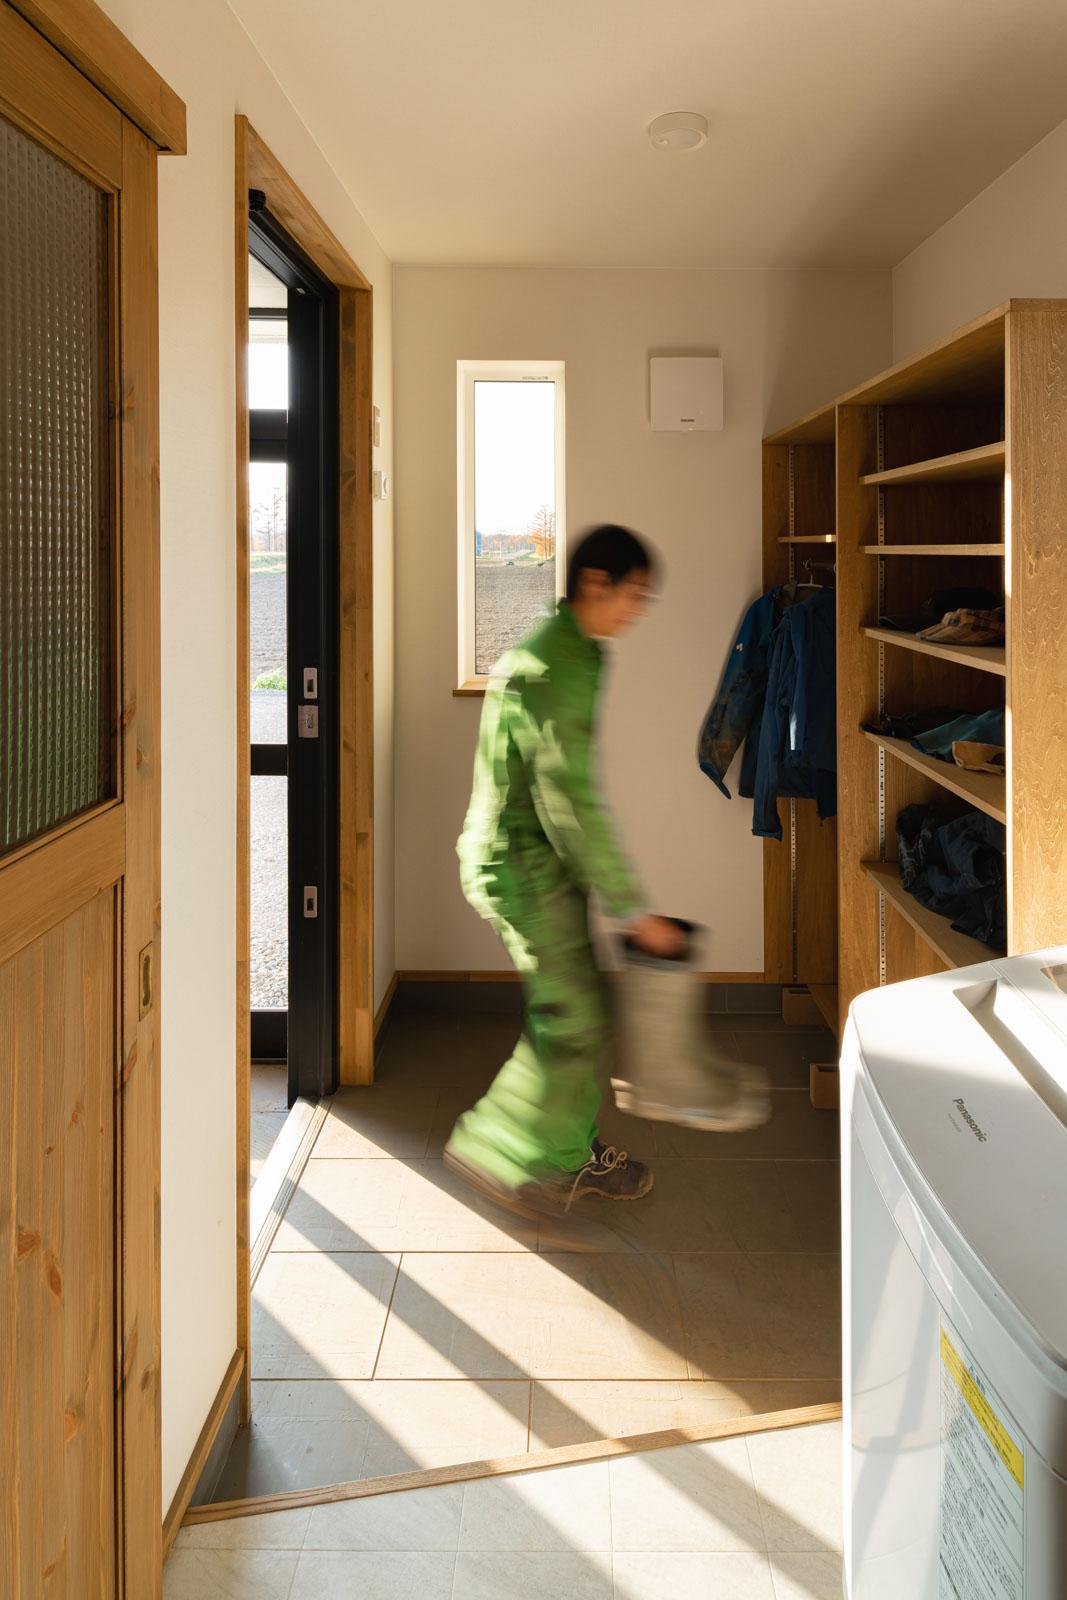 農作業用の衣類や靴の脱ぎ履き、汚れた作業着の洗濯などを行う農家玄関は、水まわりへ最短の動線で結ばれている